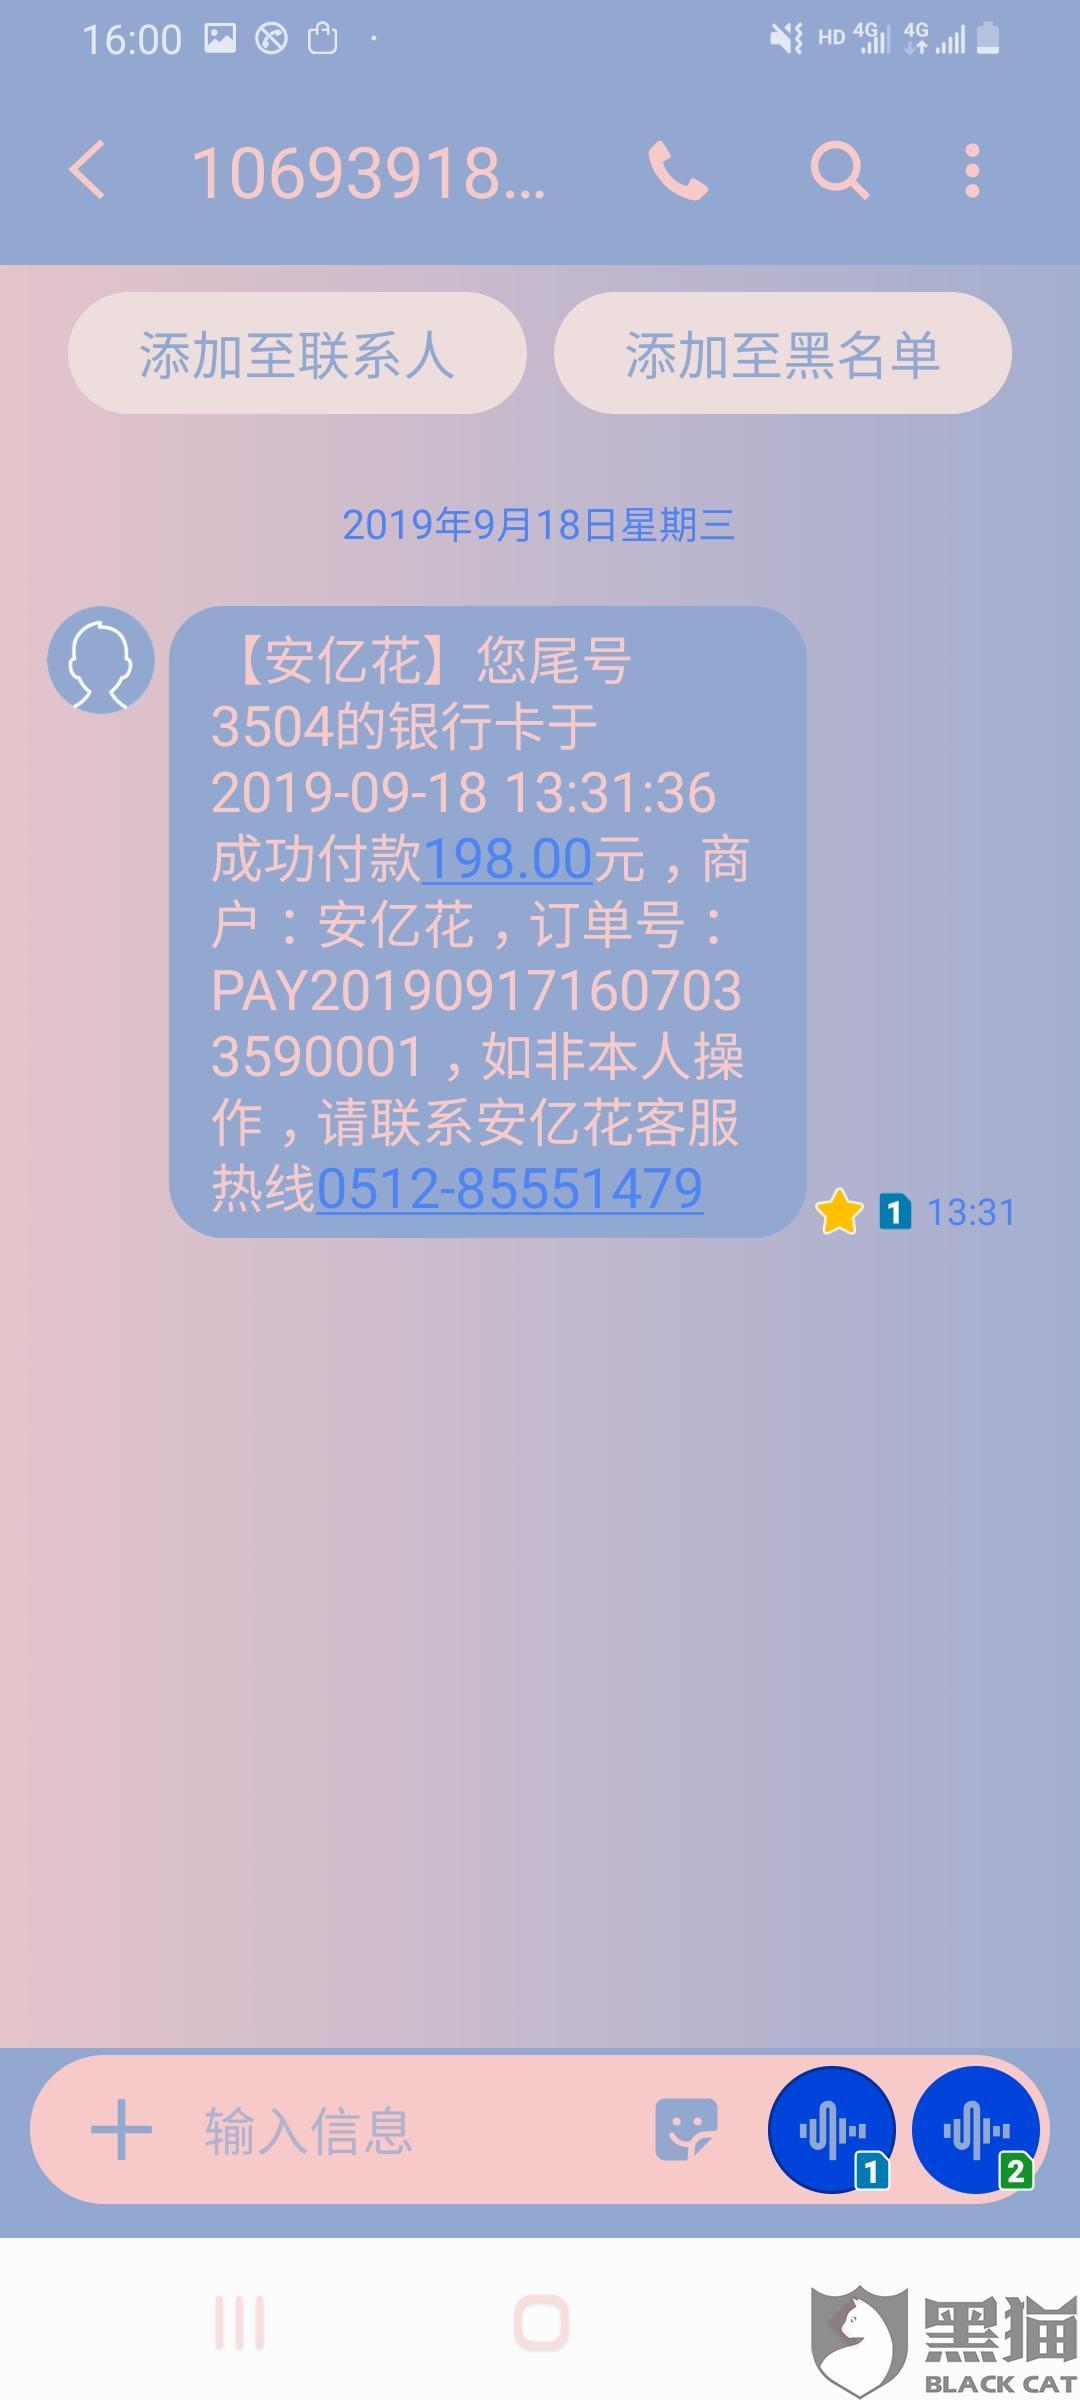 黑猫投诉:本人于9月17号用手机在安亿花app申请借款额度时,发现是要收会员费后来就直接删